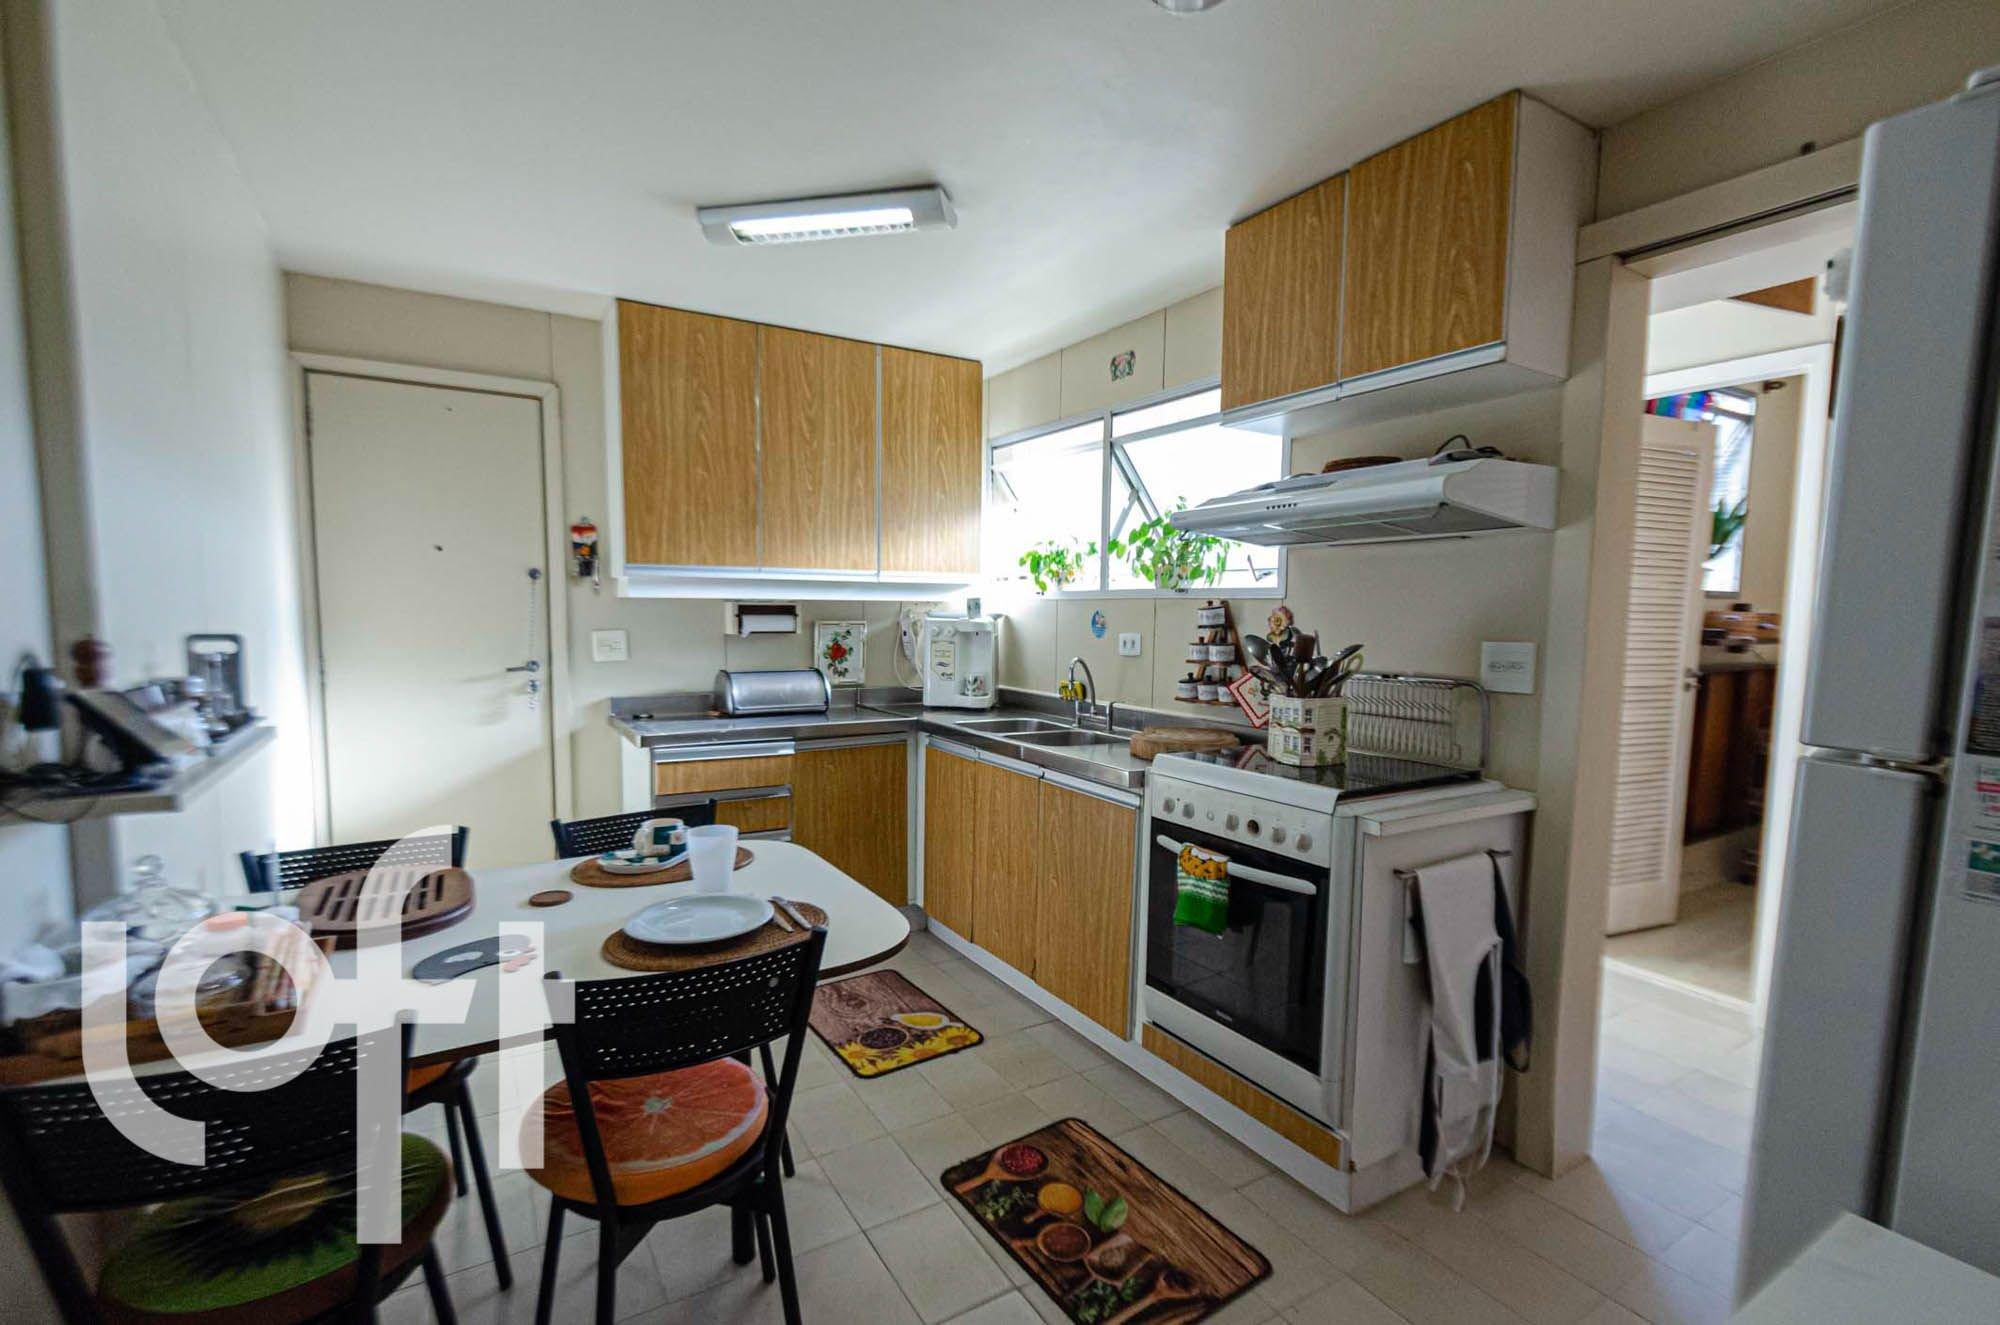 Foto de Cozinha com mouse, forno, pia, cadeira, livro, mesa de jantar, colher, xícara